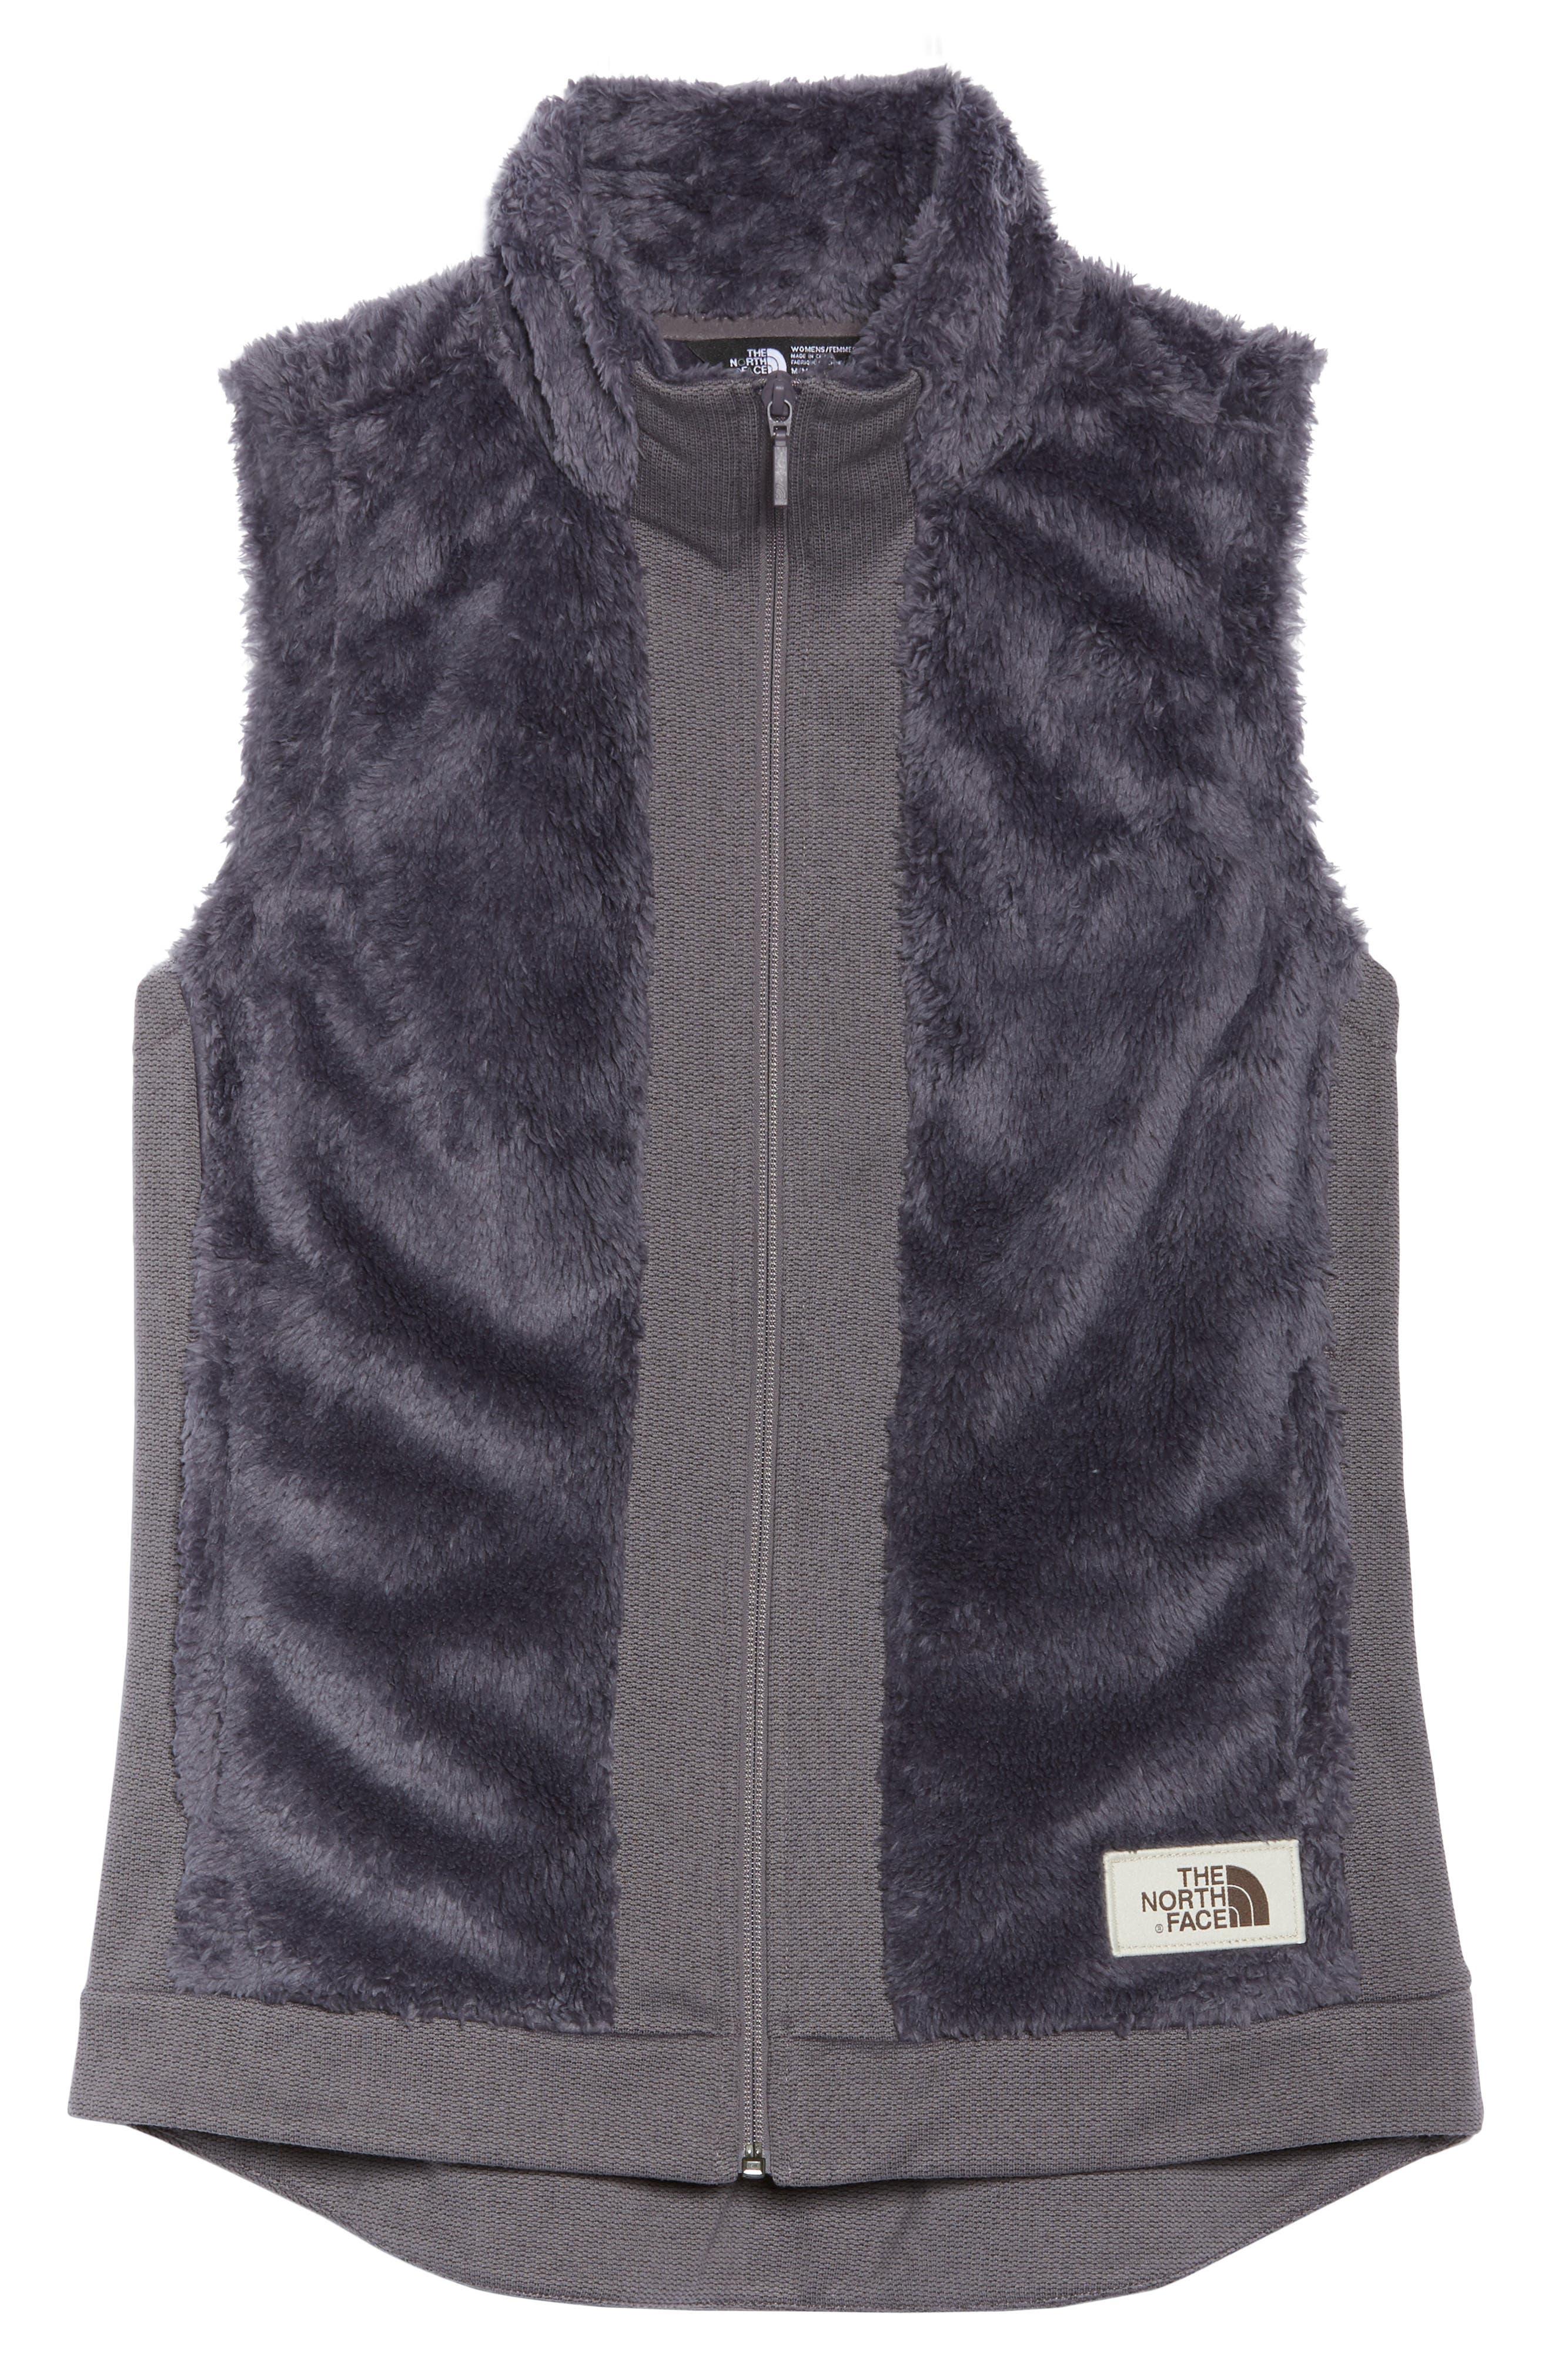 THE NORTH FACE,                             Faux Fur Vest,                             Alternate thumbnail 6, color,                             021